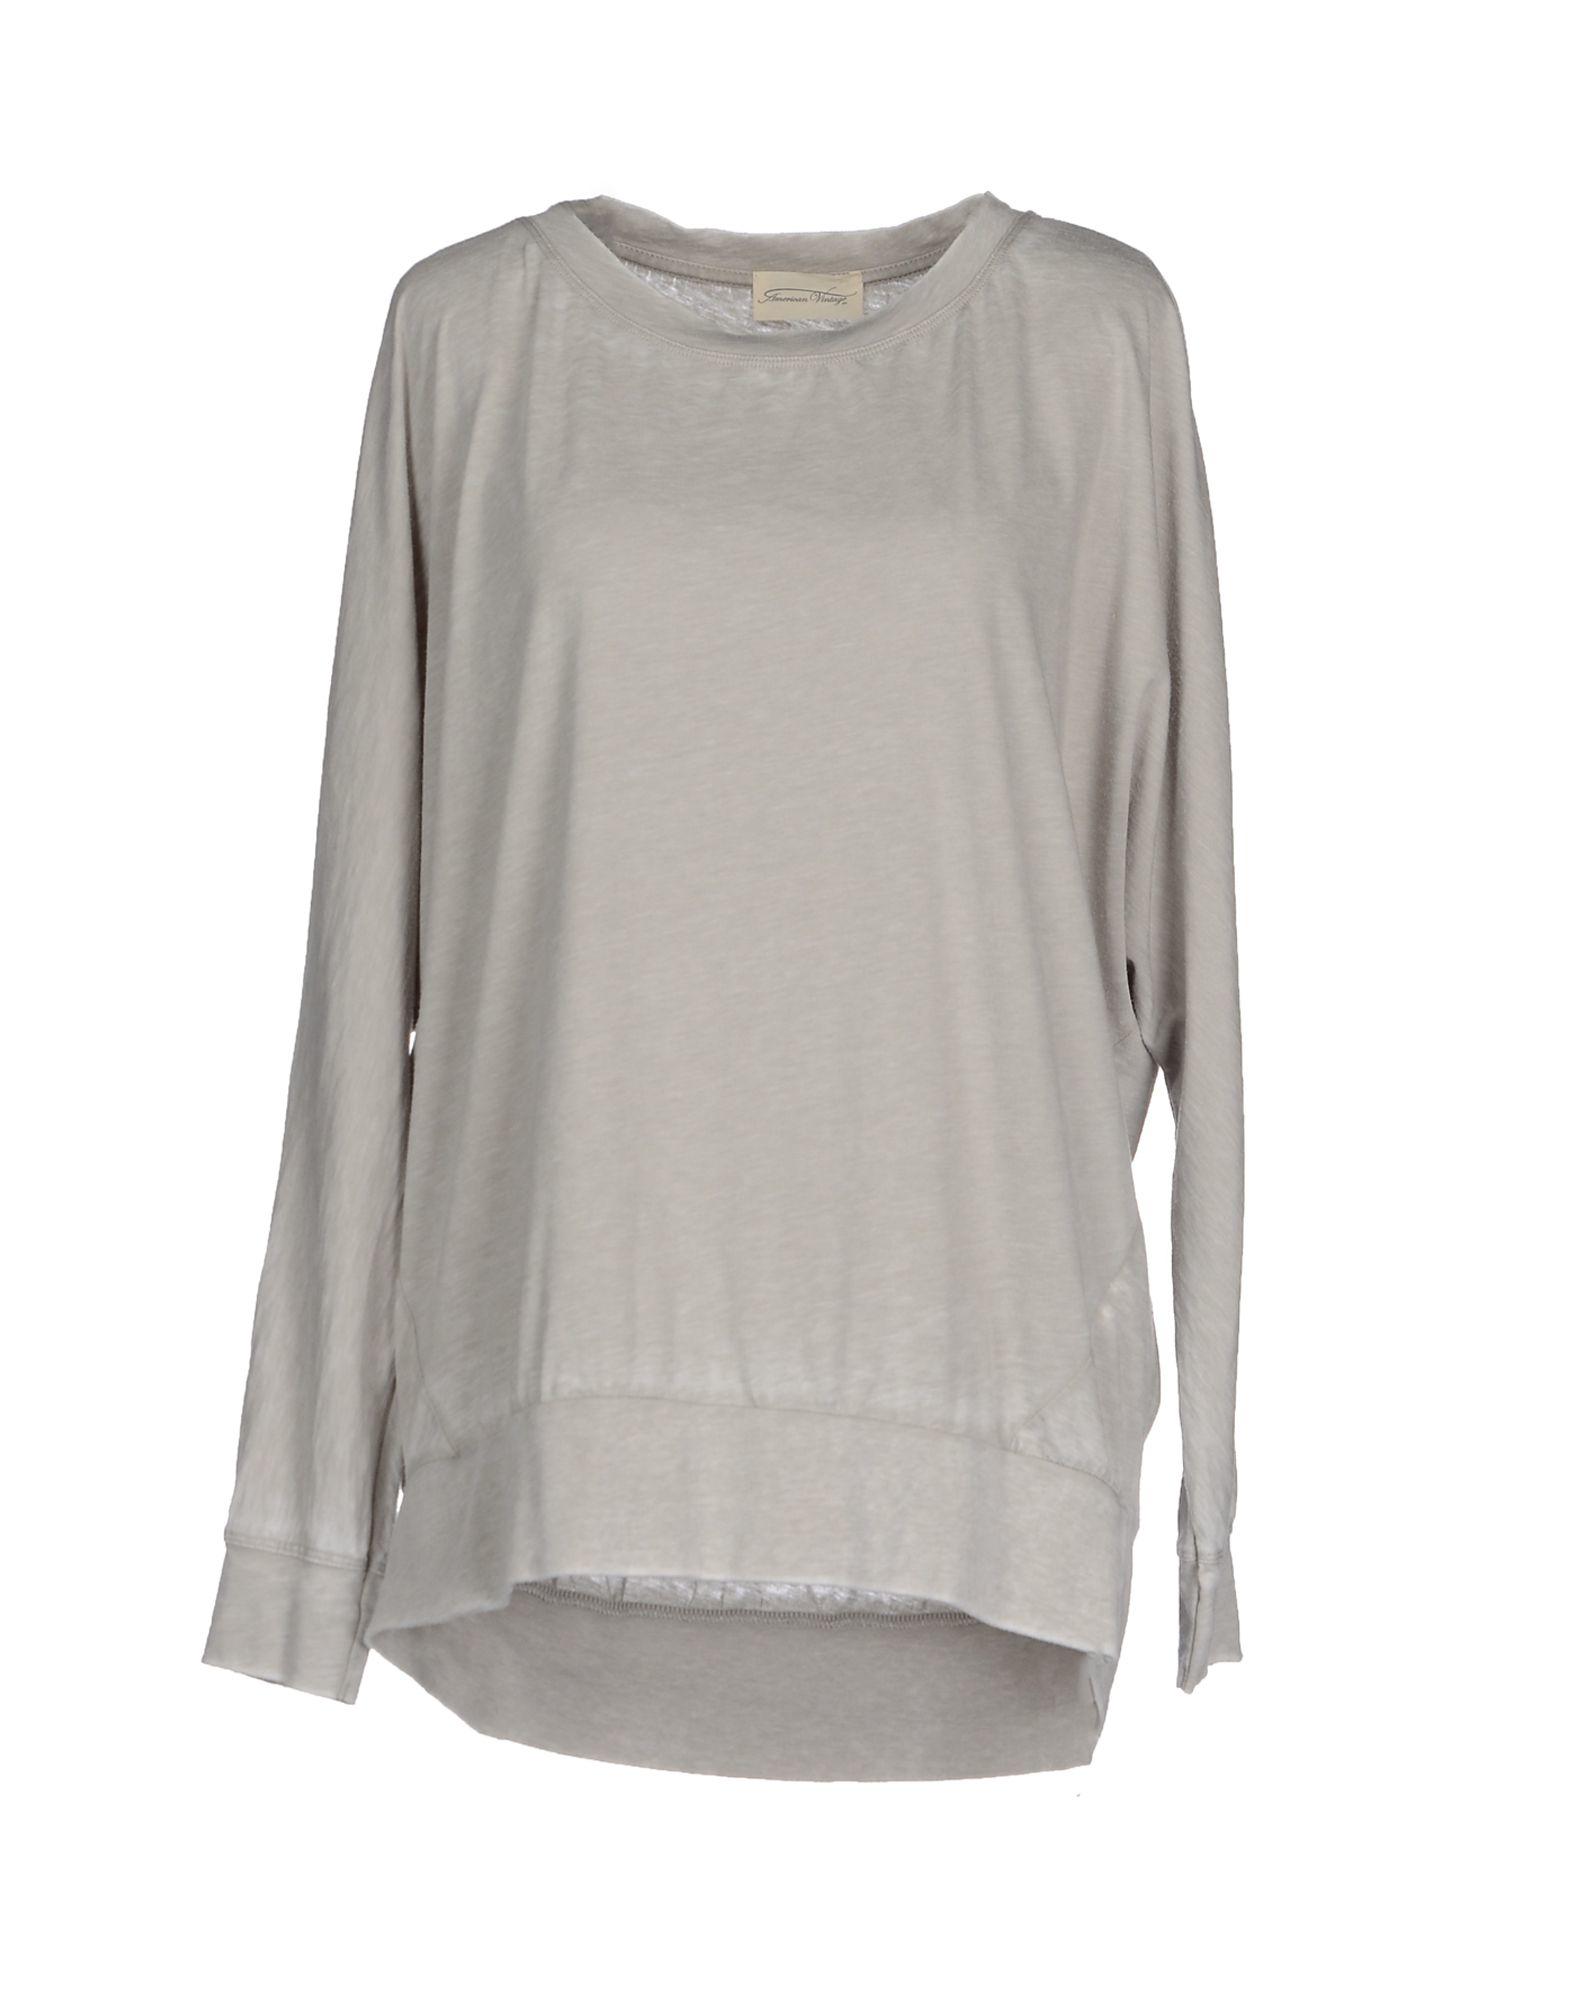 vintage grey t shirt thorough usher